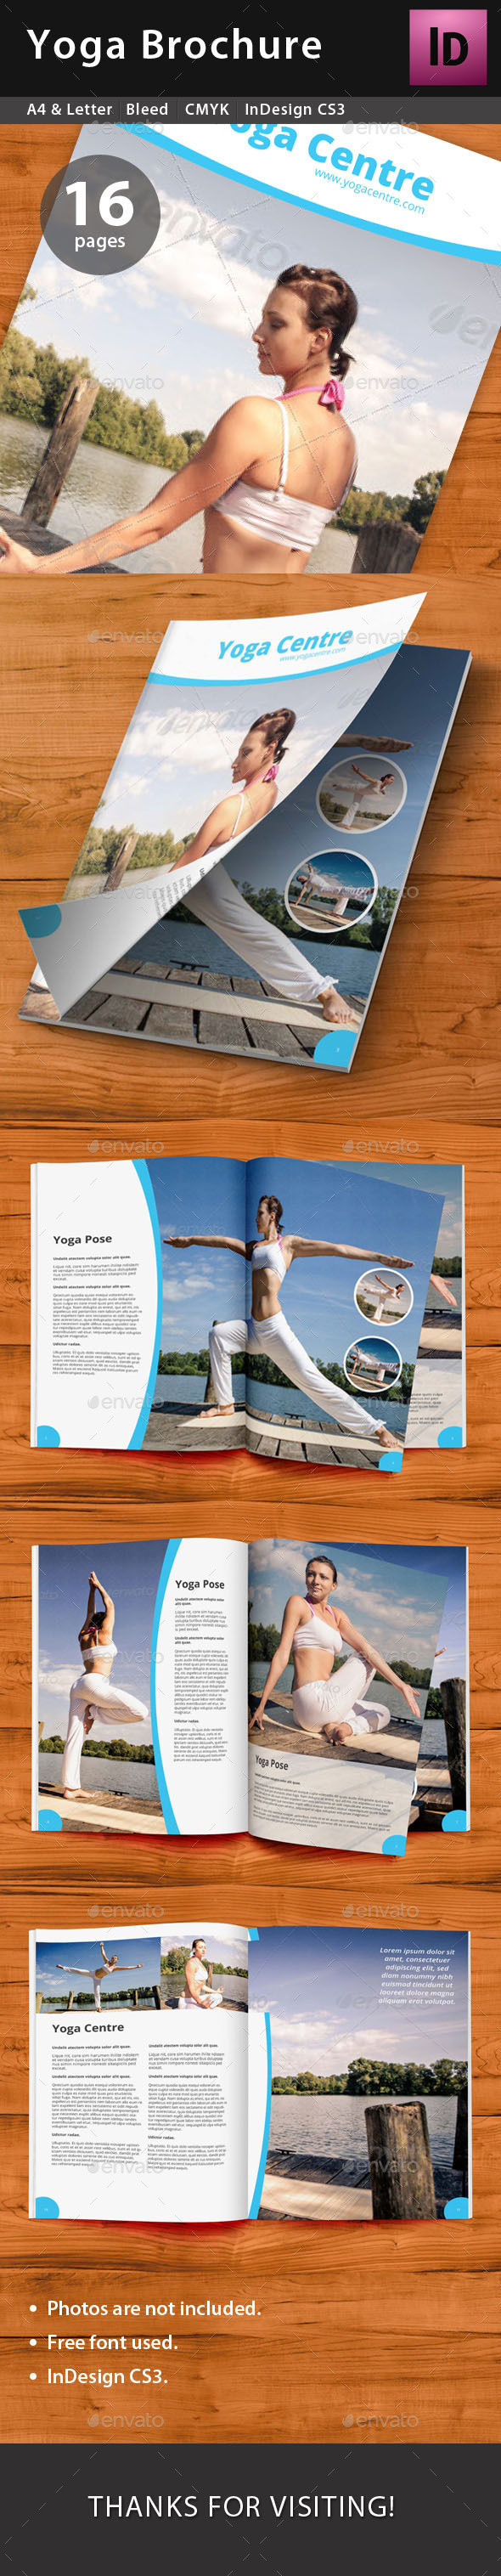 Yoga Brochure - Brochures Print Templates